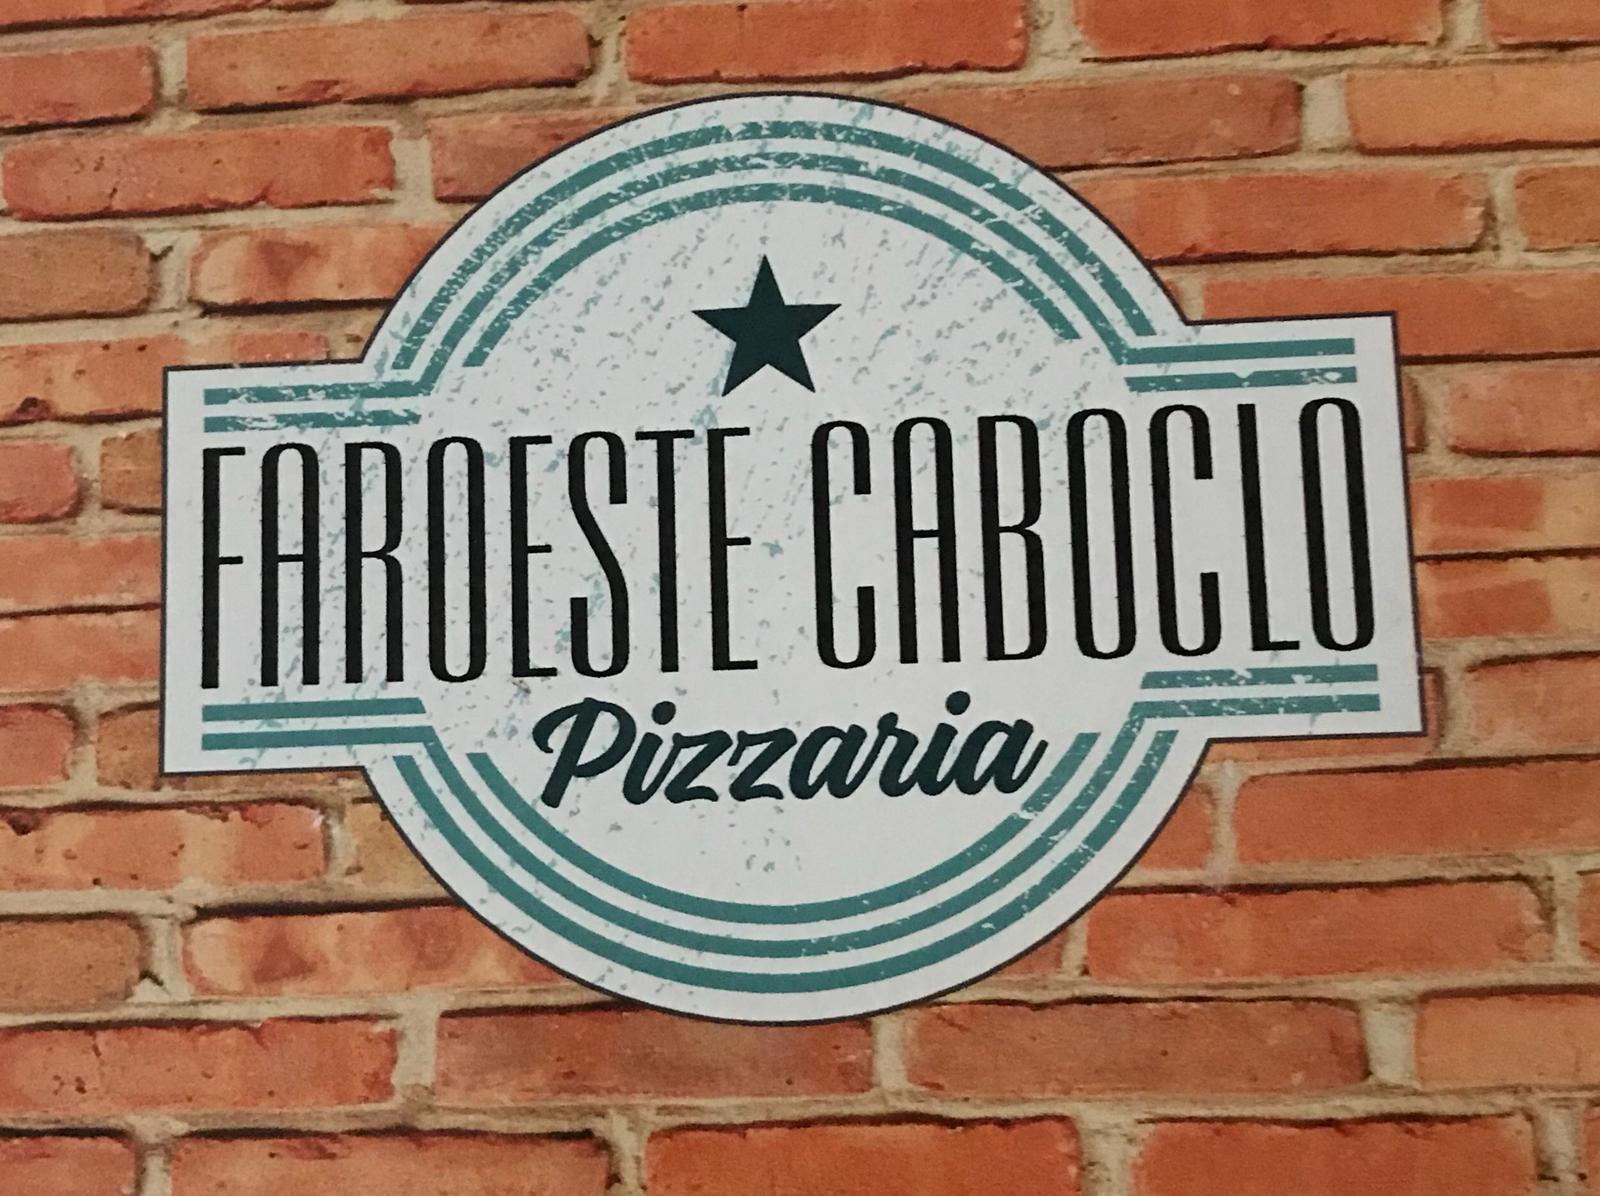 Pizzaria Faroeste Caboclo - Mineiros GO - Comida na Hora 42030a495da